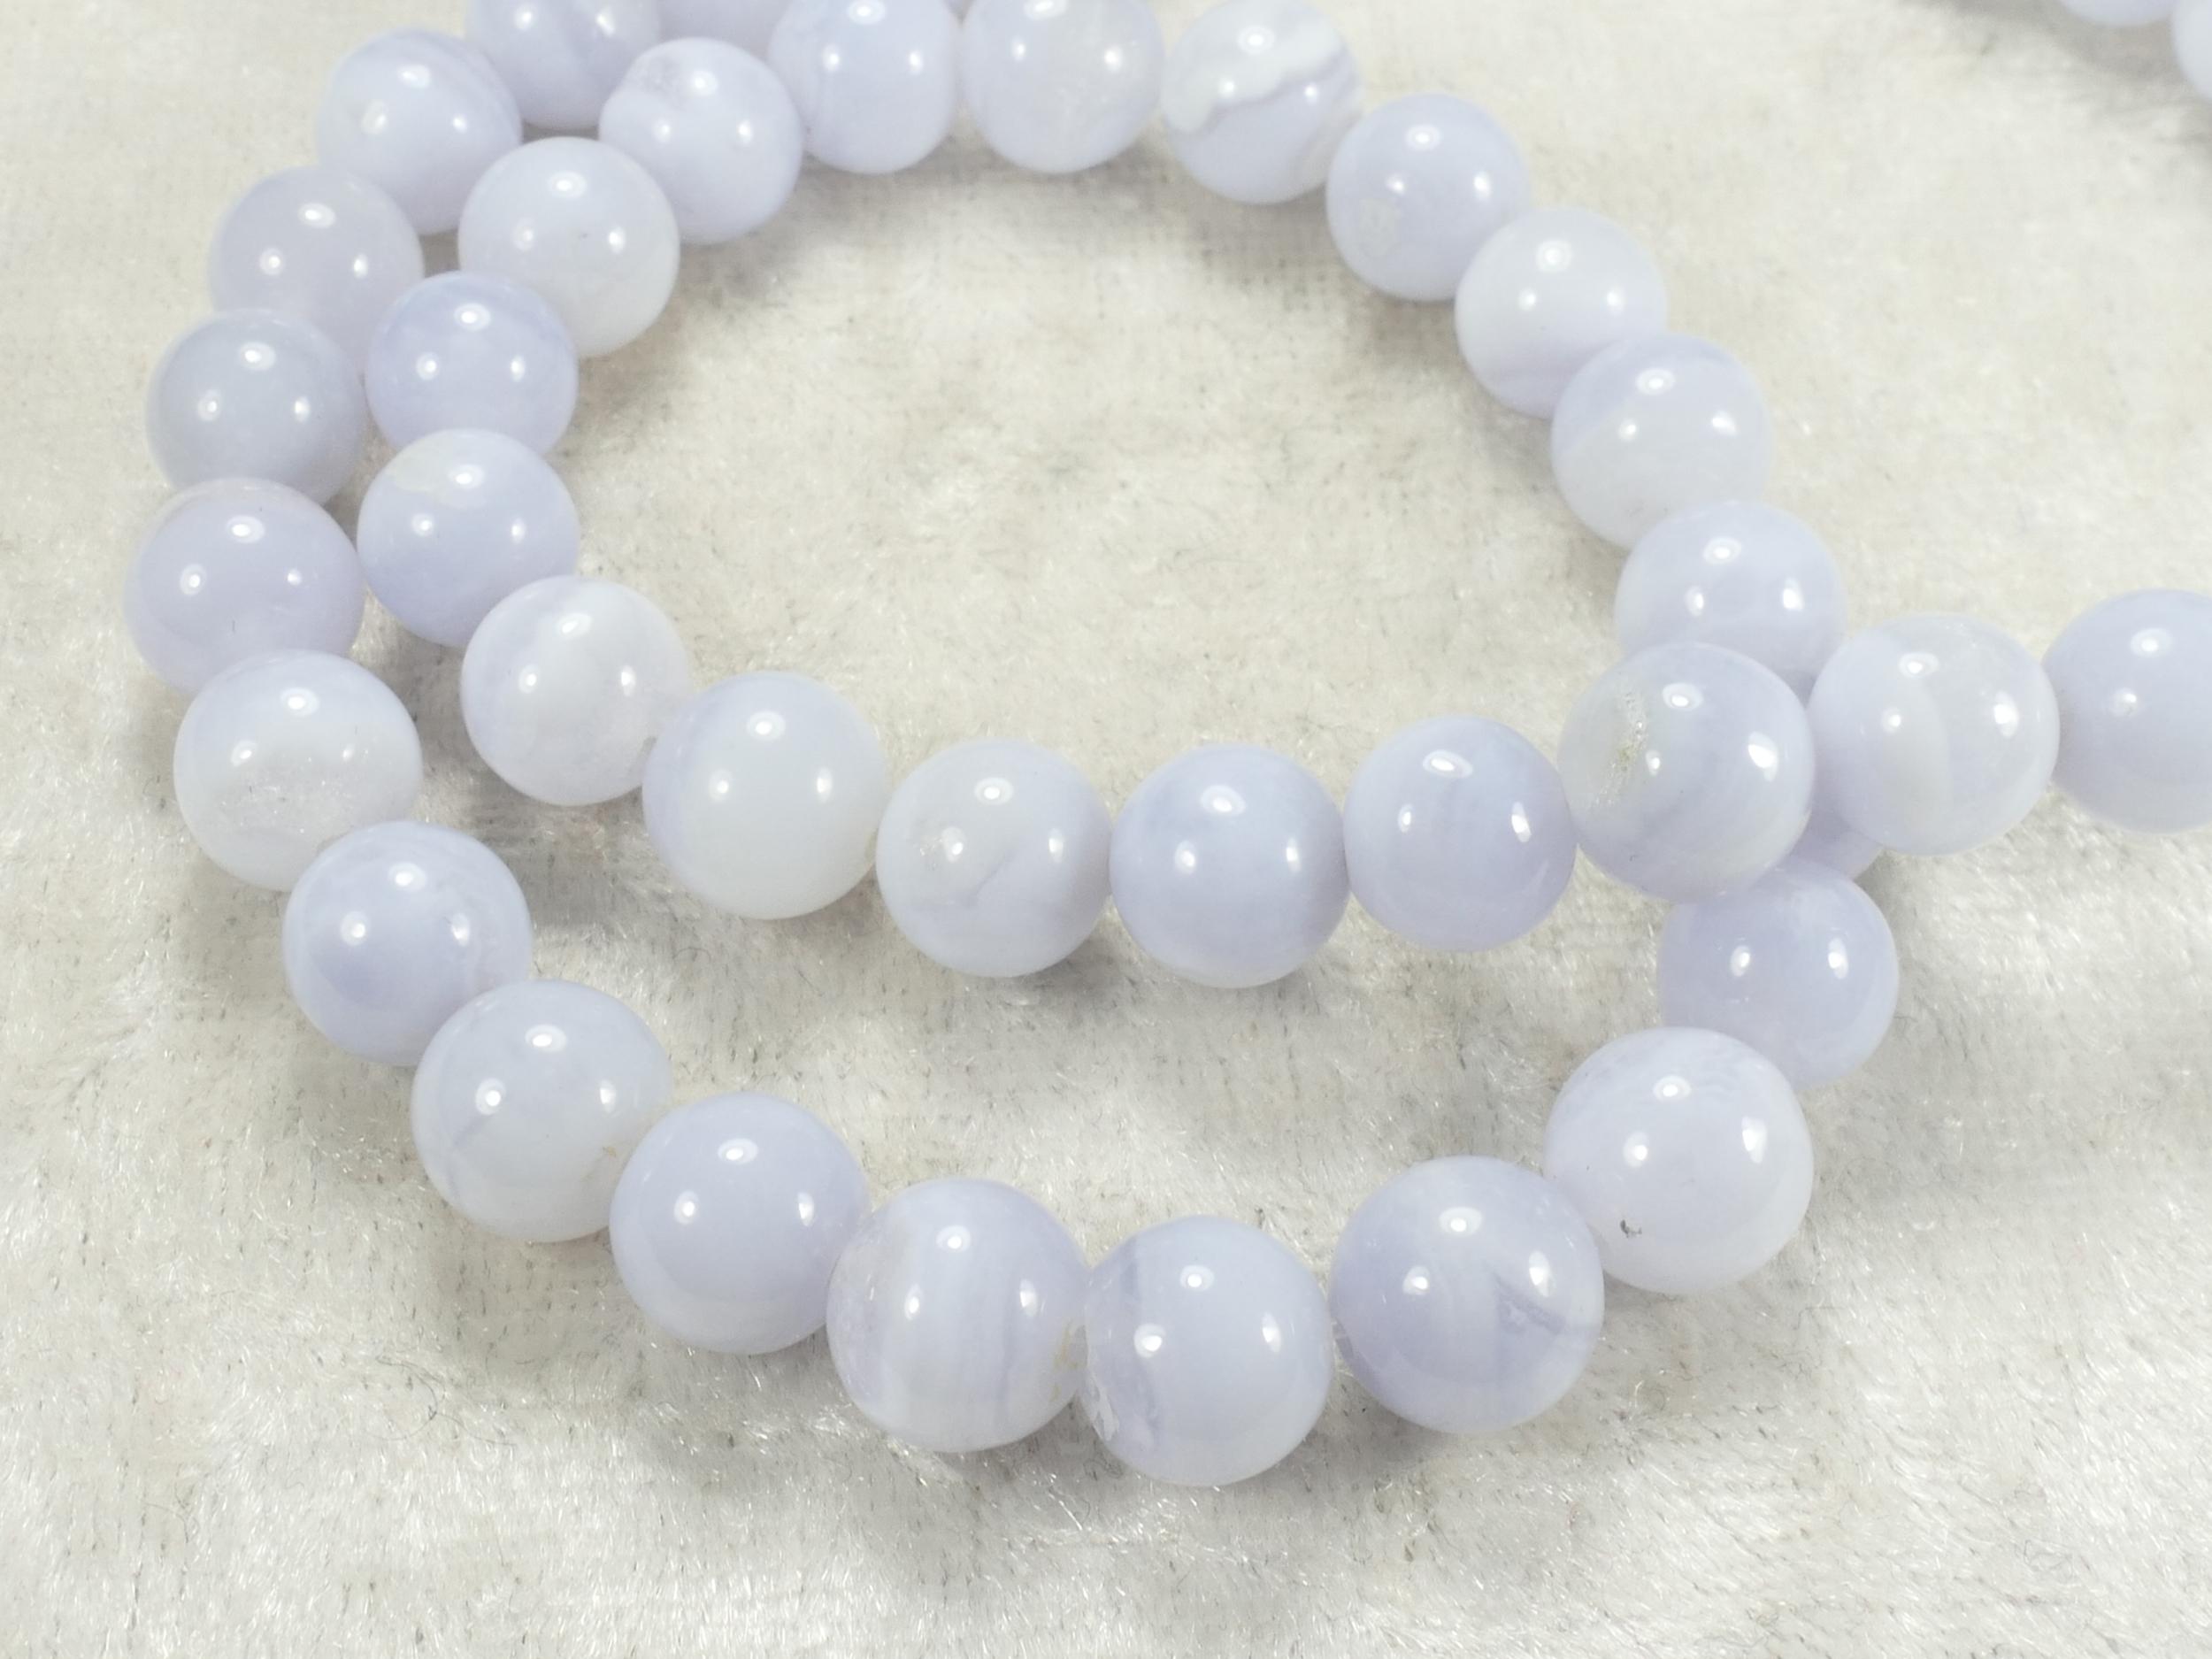 7.8/8.2mm Perles de Calcédoine rubanée (agate) bleu naturelle ronde lisse x10pc (#AC499)